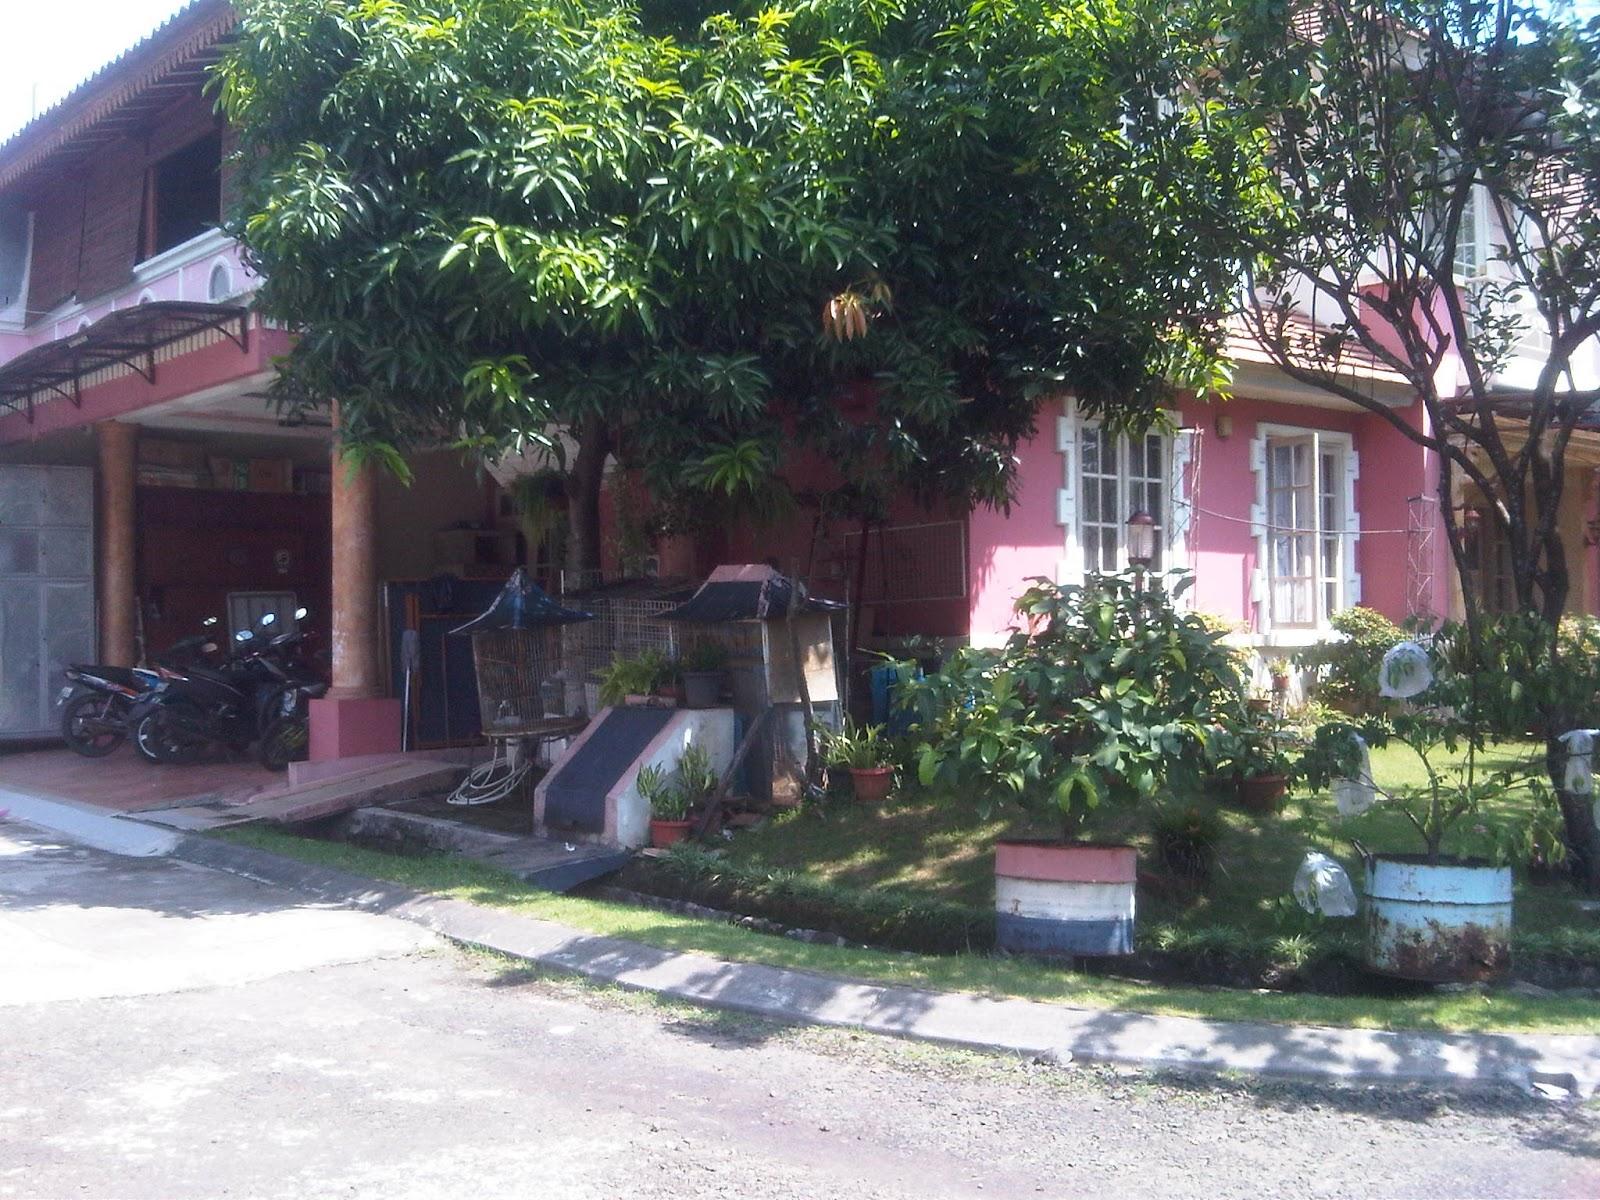 ... rumah lainnya posisi rumah pojok hook listrik 3 300 foto rumah